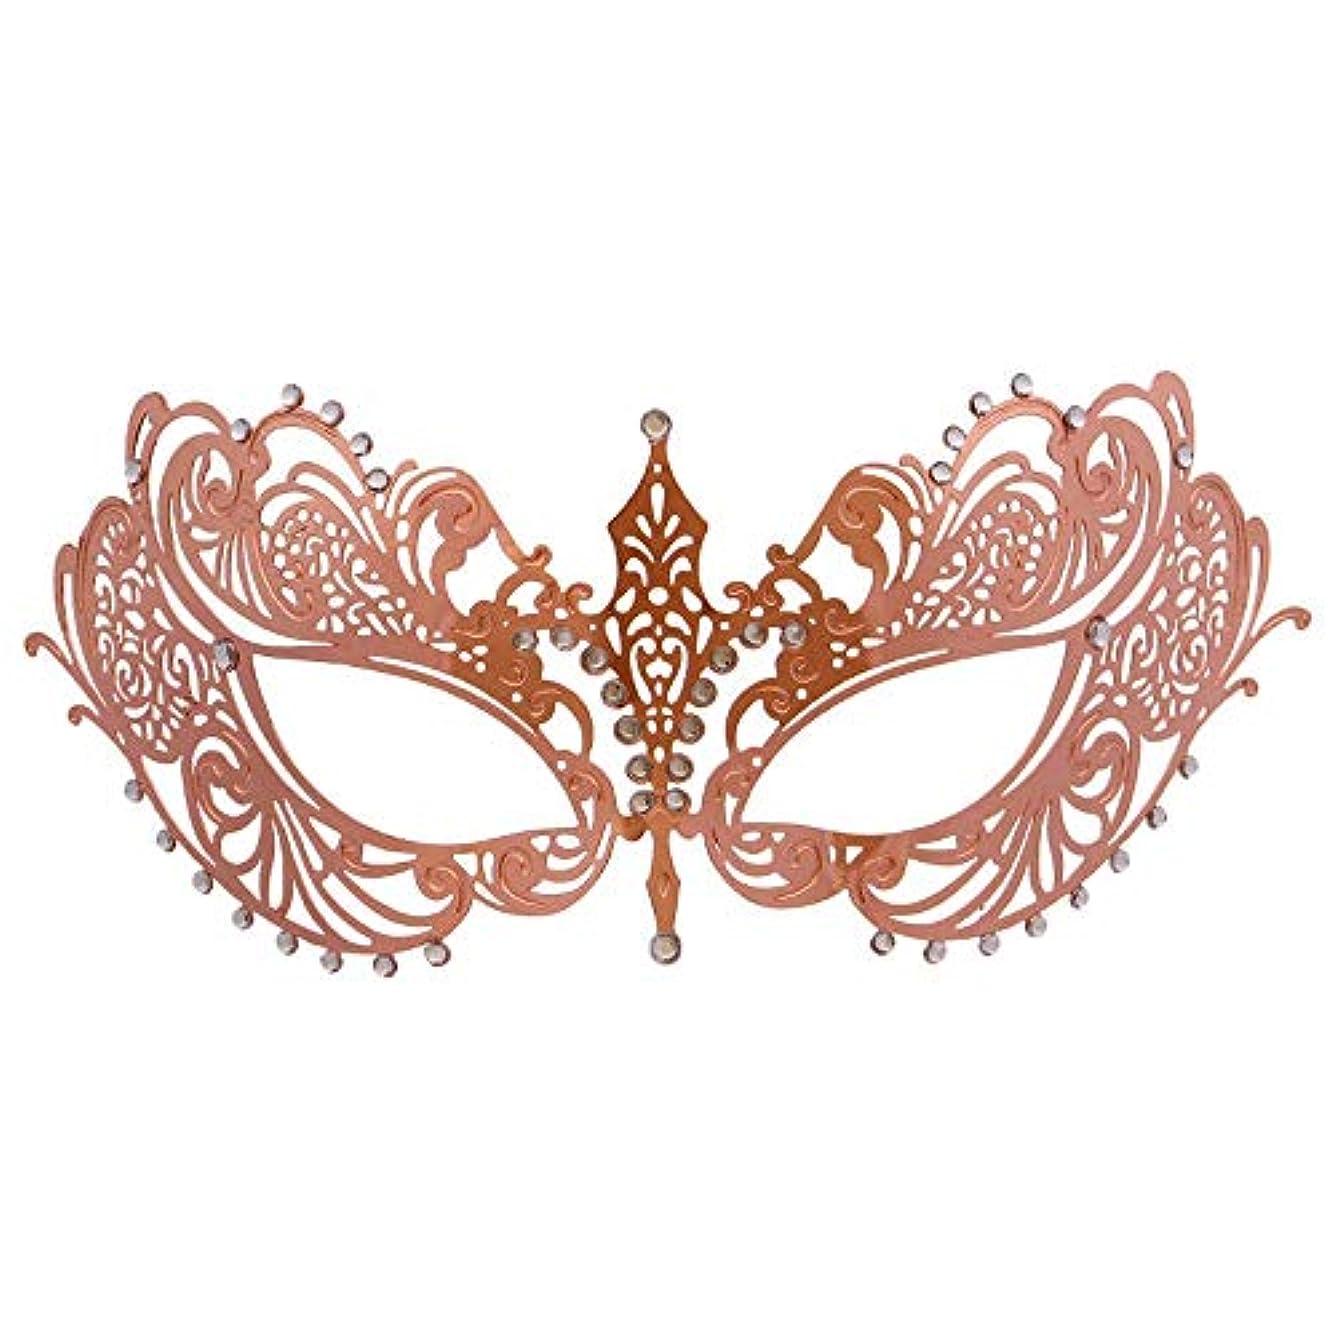 今まで安全クレーターダンスマスク 薄い鉄ハーフフェイスローズゴールド鉄ダイヤモンドハイエンドマスクハーフフェイスマスクコスプレパーティーハロウィンマスク ホリデーパーティー用品 (色 : Rose gold, サイズ : 19x8cm)